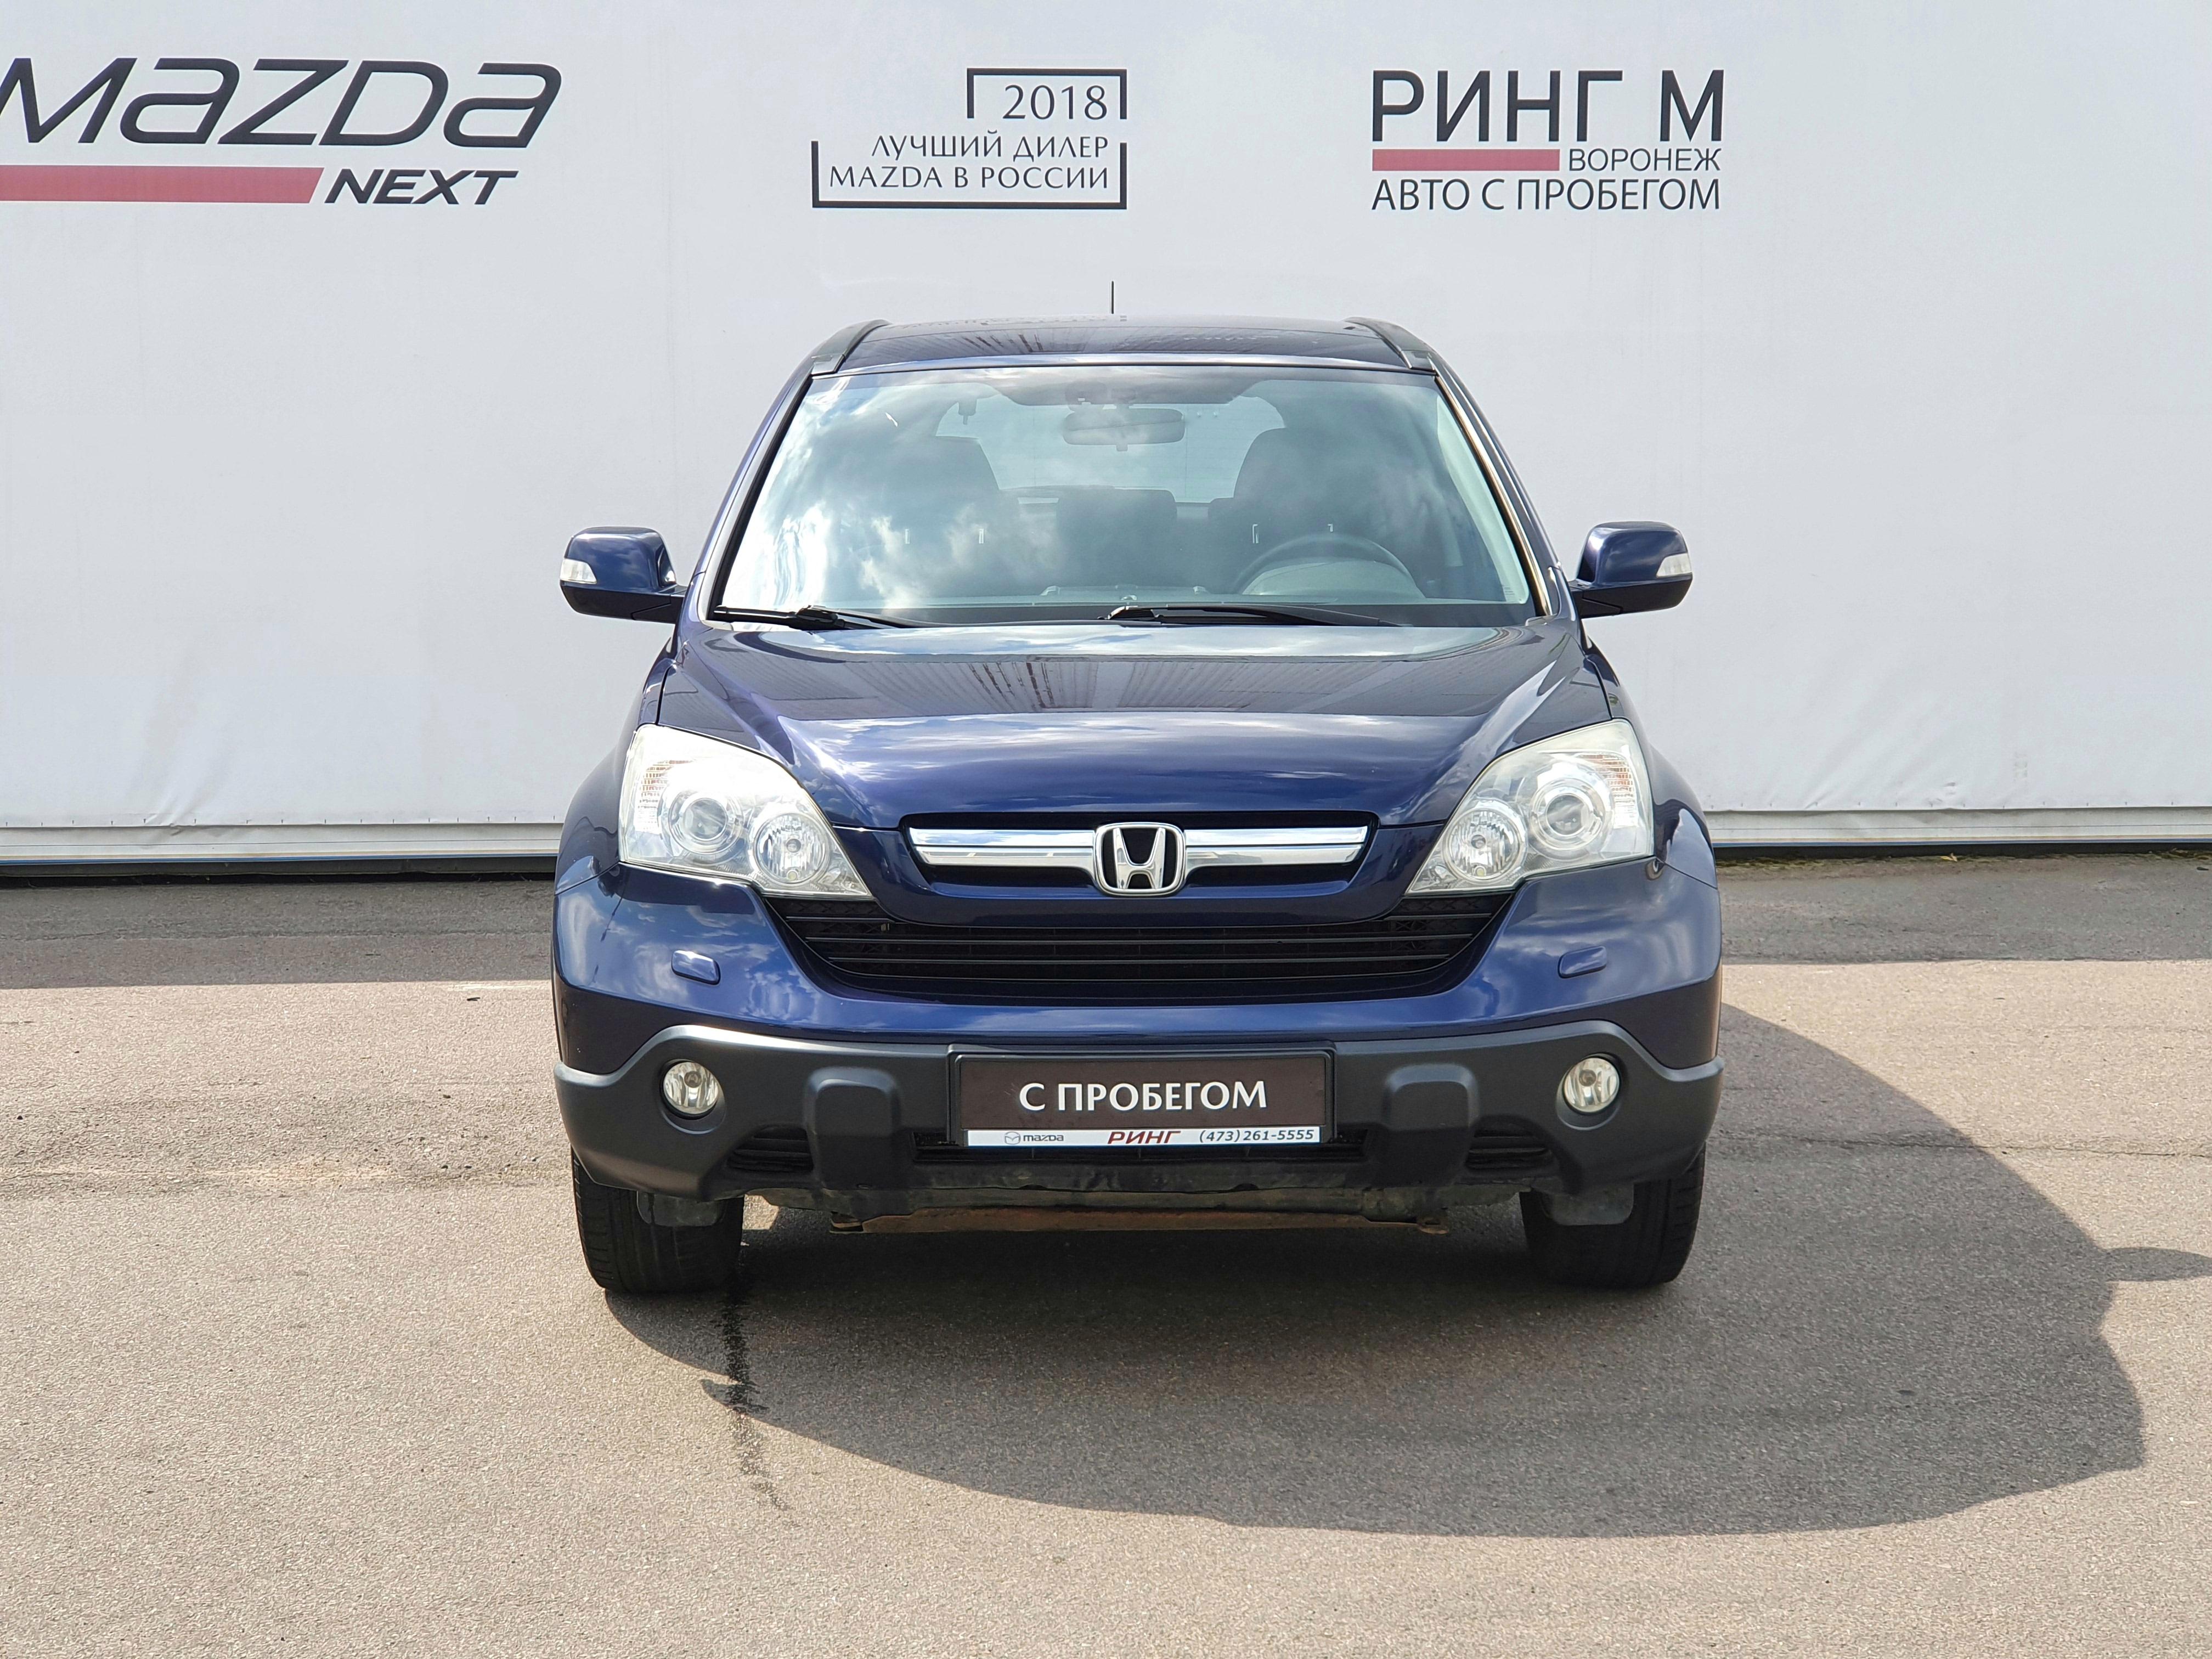 Honda CR-V Внедорожник (2008г.)